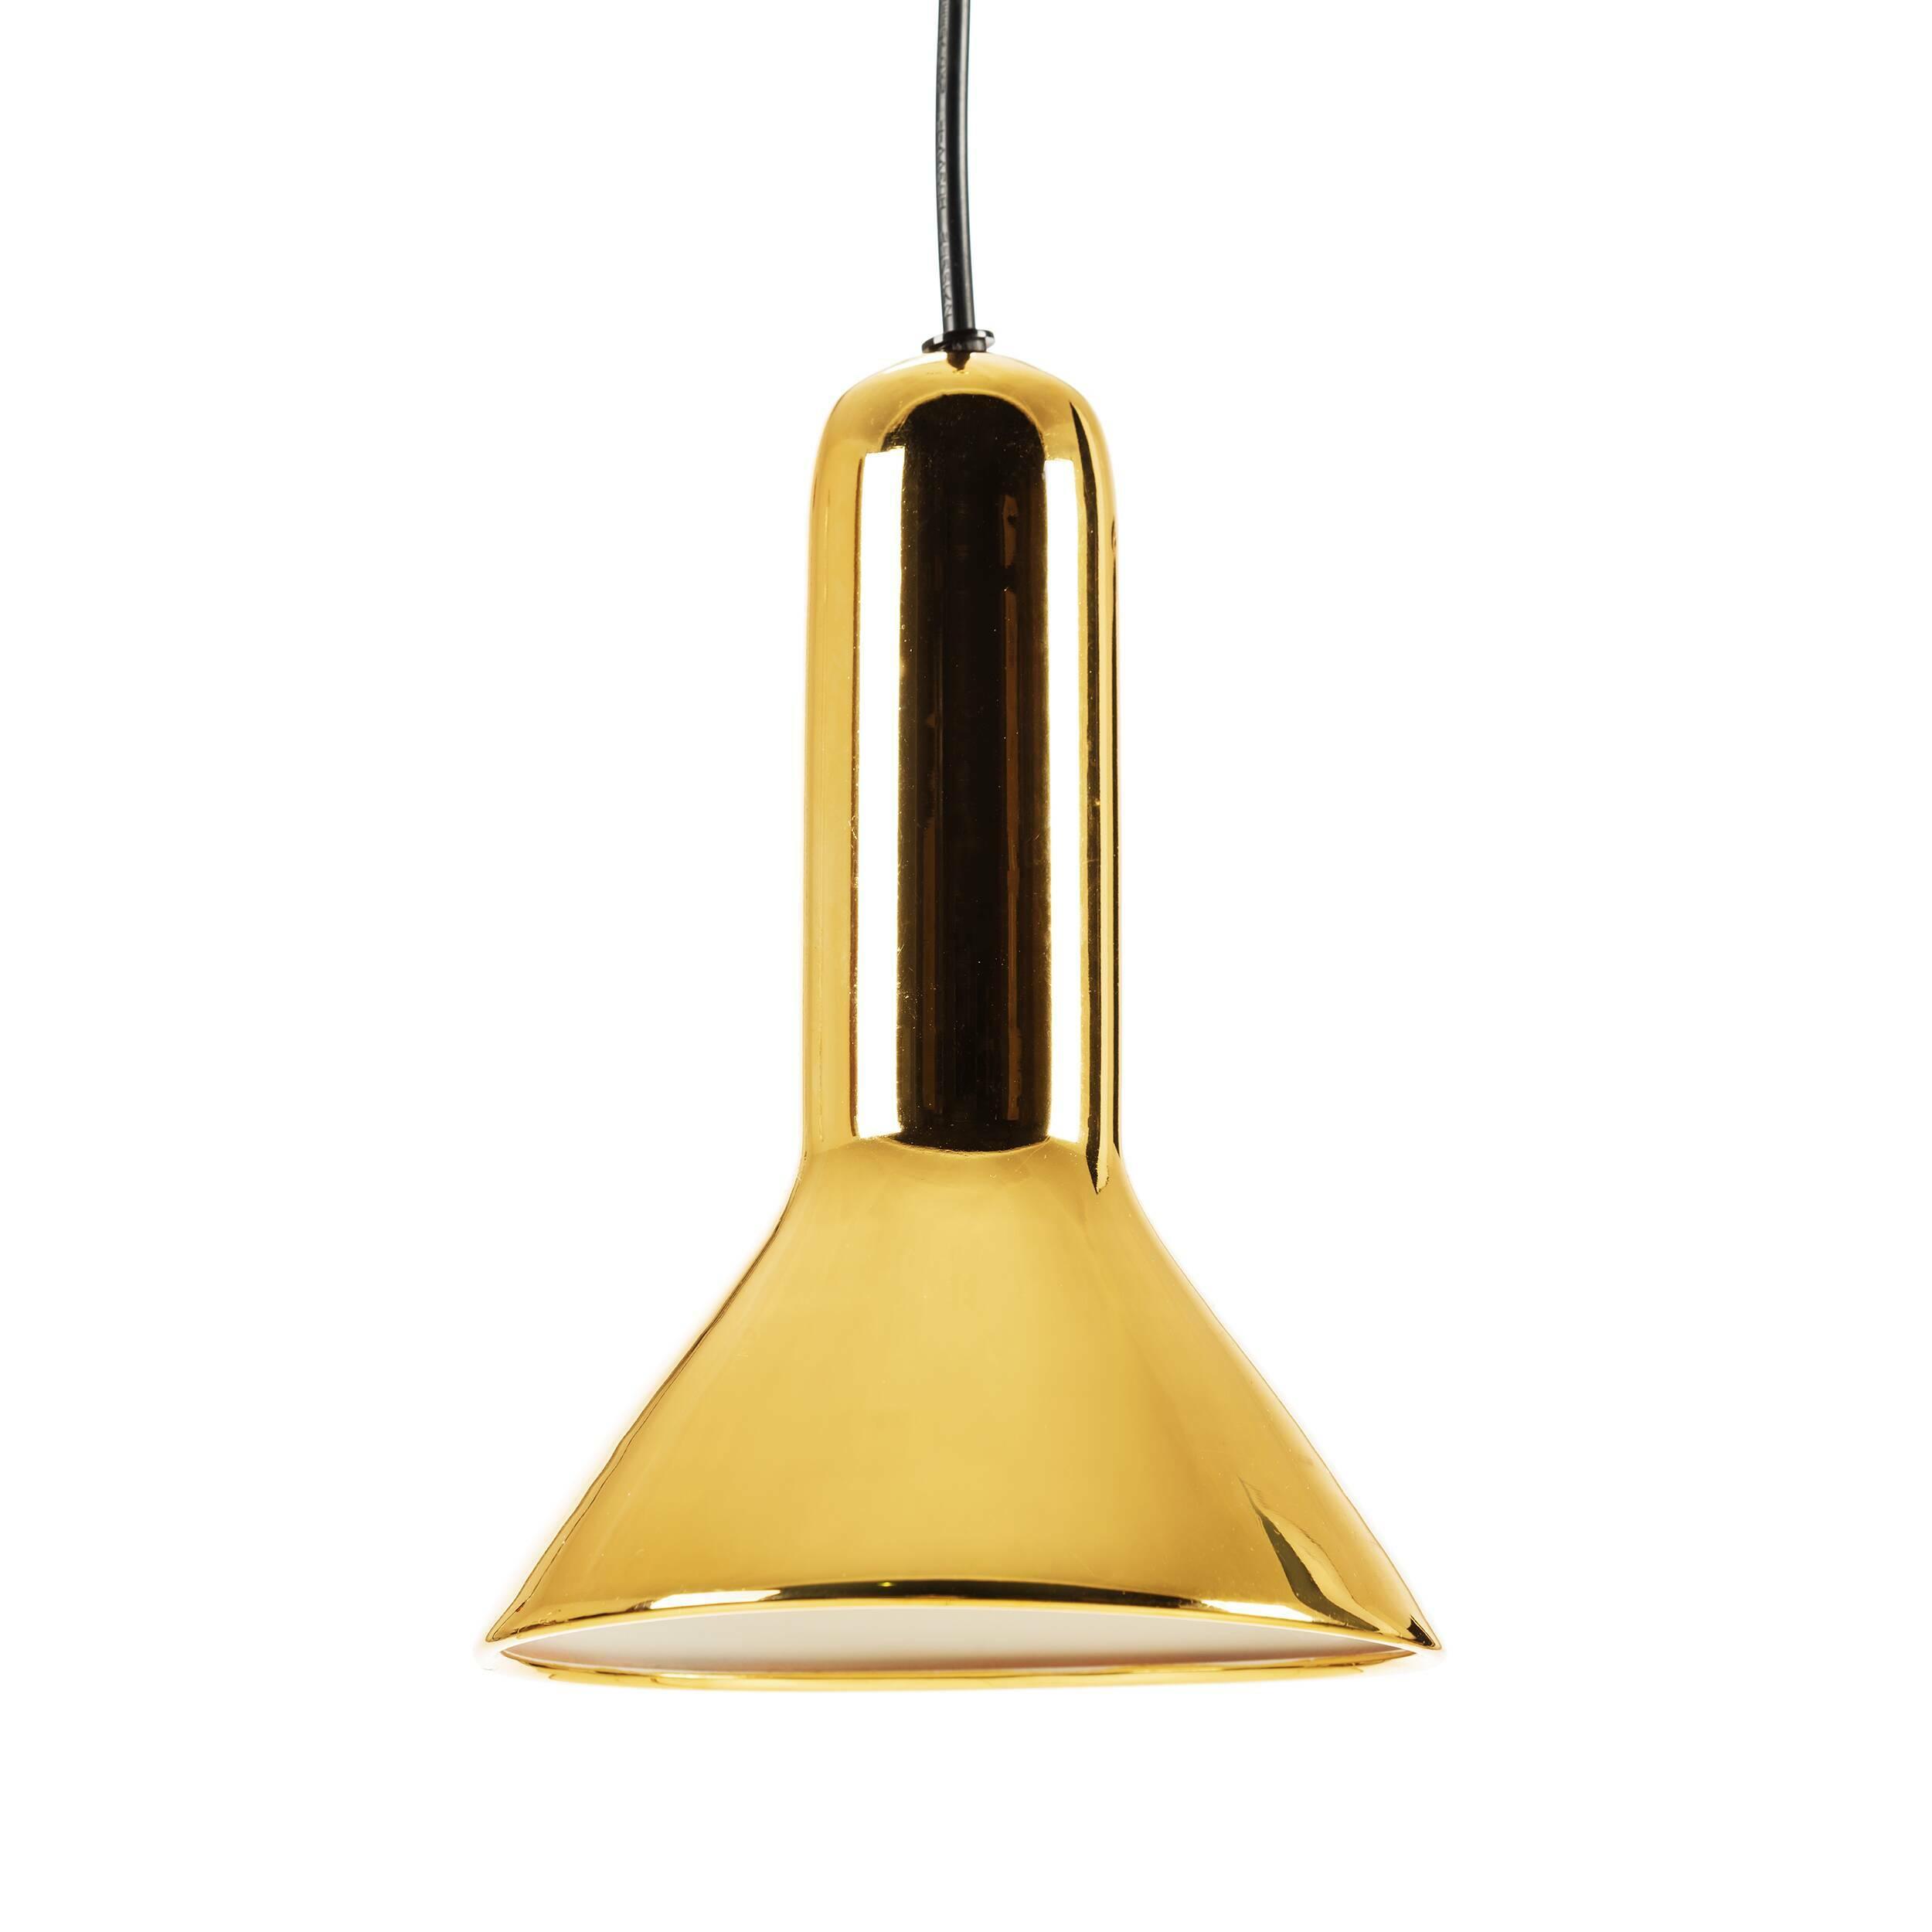 Подвесной светильник Torch ConeПодвесные<br>Своему названию Torch (в переводе с английского «факел») светильник обязан прежде всего своей форме, которая действительно напоминает перевернутый факел. Но на самом деле на его создание талантливого бельгийского дизайнера Сильвена Вилленза вдохновило совсем не это, а… фары автомобиля. Многое в конструкции заимствовано именно оттуда.<br><br><br> Универсальный цвет и блеск стали — то, что позволяет этому осветительному прибору вписаться в разнообразные интерьеры. Подвесной светильник Torch Cone...<br><br>stock: 0<br>Высота: 120<br>Диаметр: 15<br>Количество ламп: 1<br>Материал абажура: Сталь<br>Мощность лампы: 25<br>Ламп в комплекте: Нет<br>Напряжение: 220<br>Тип лампы/цоколь: E27<br>Цвет абажура: Золотой